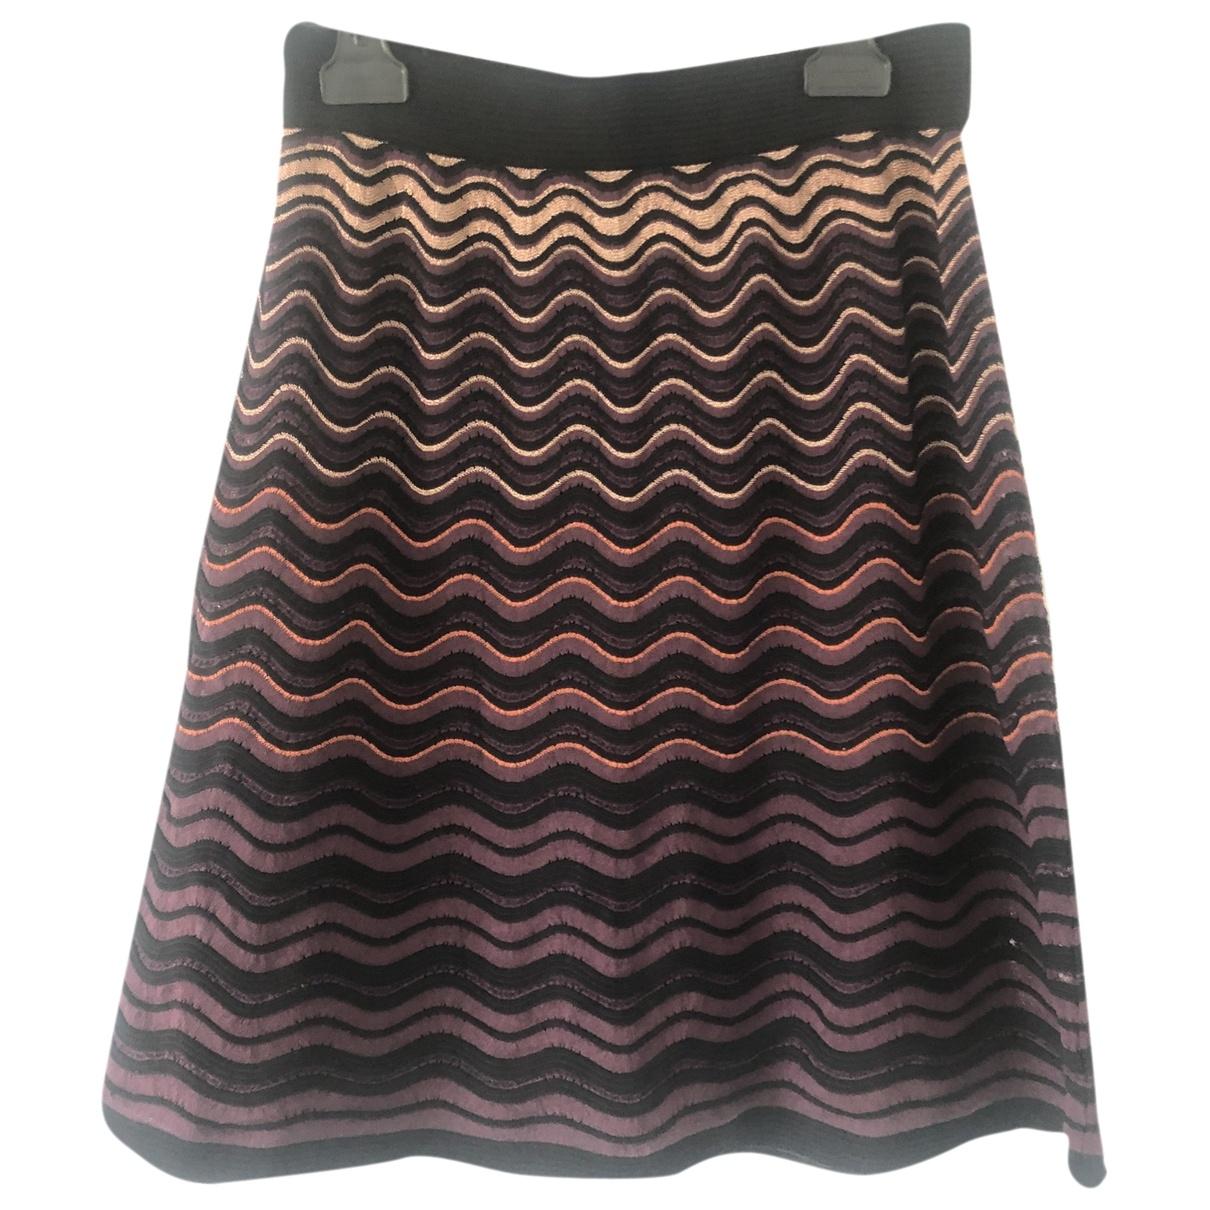 M Missoni \N Multicolour skirt for Women 42 IT